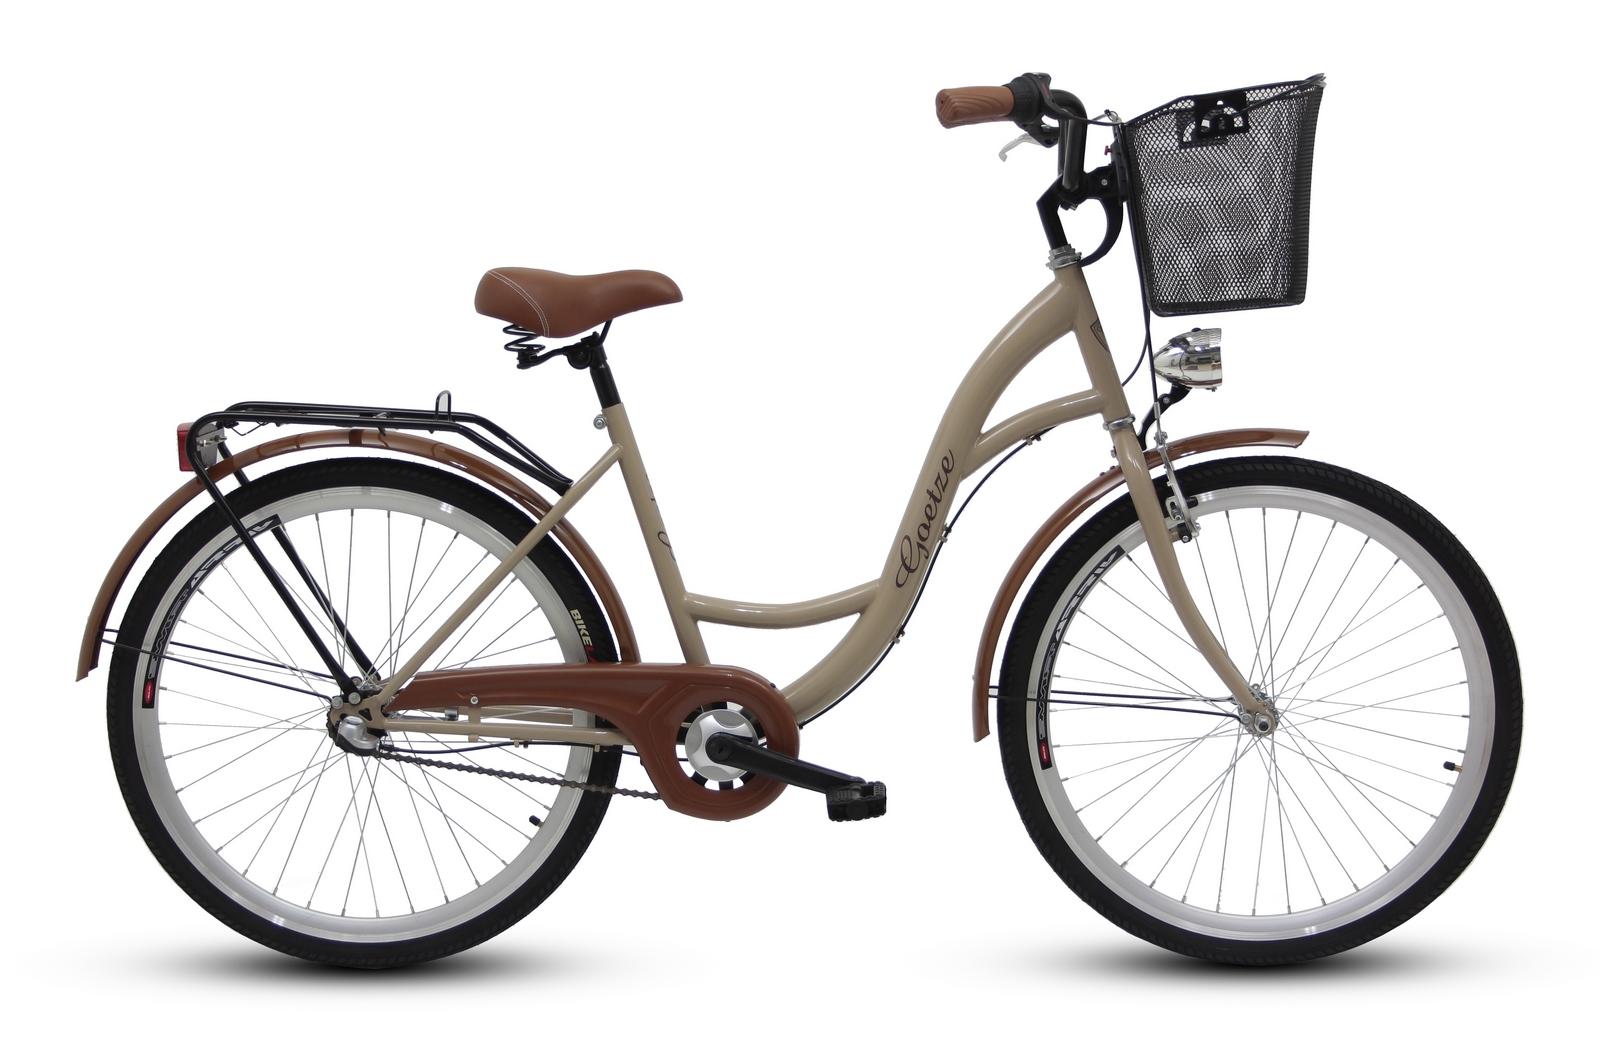 Dámsky mestský bicykel GOETZE 26, 3-rýchlostný kôš zadarmo!  Veľkosť rámu 17 palcov